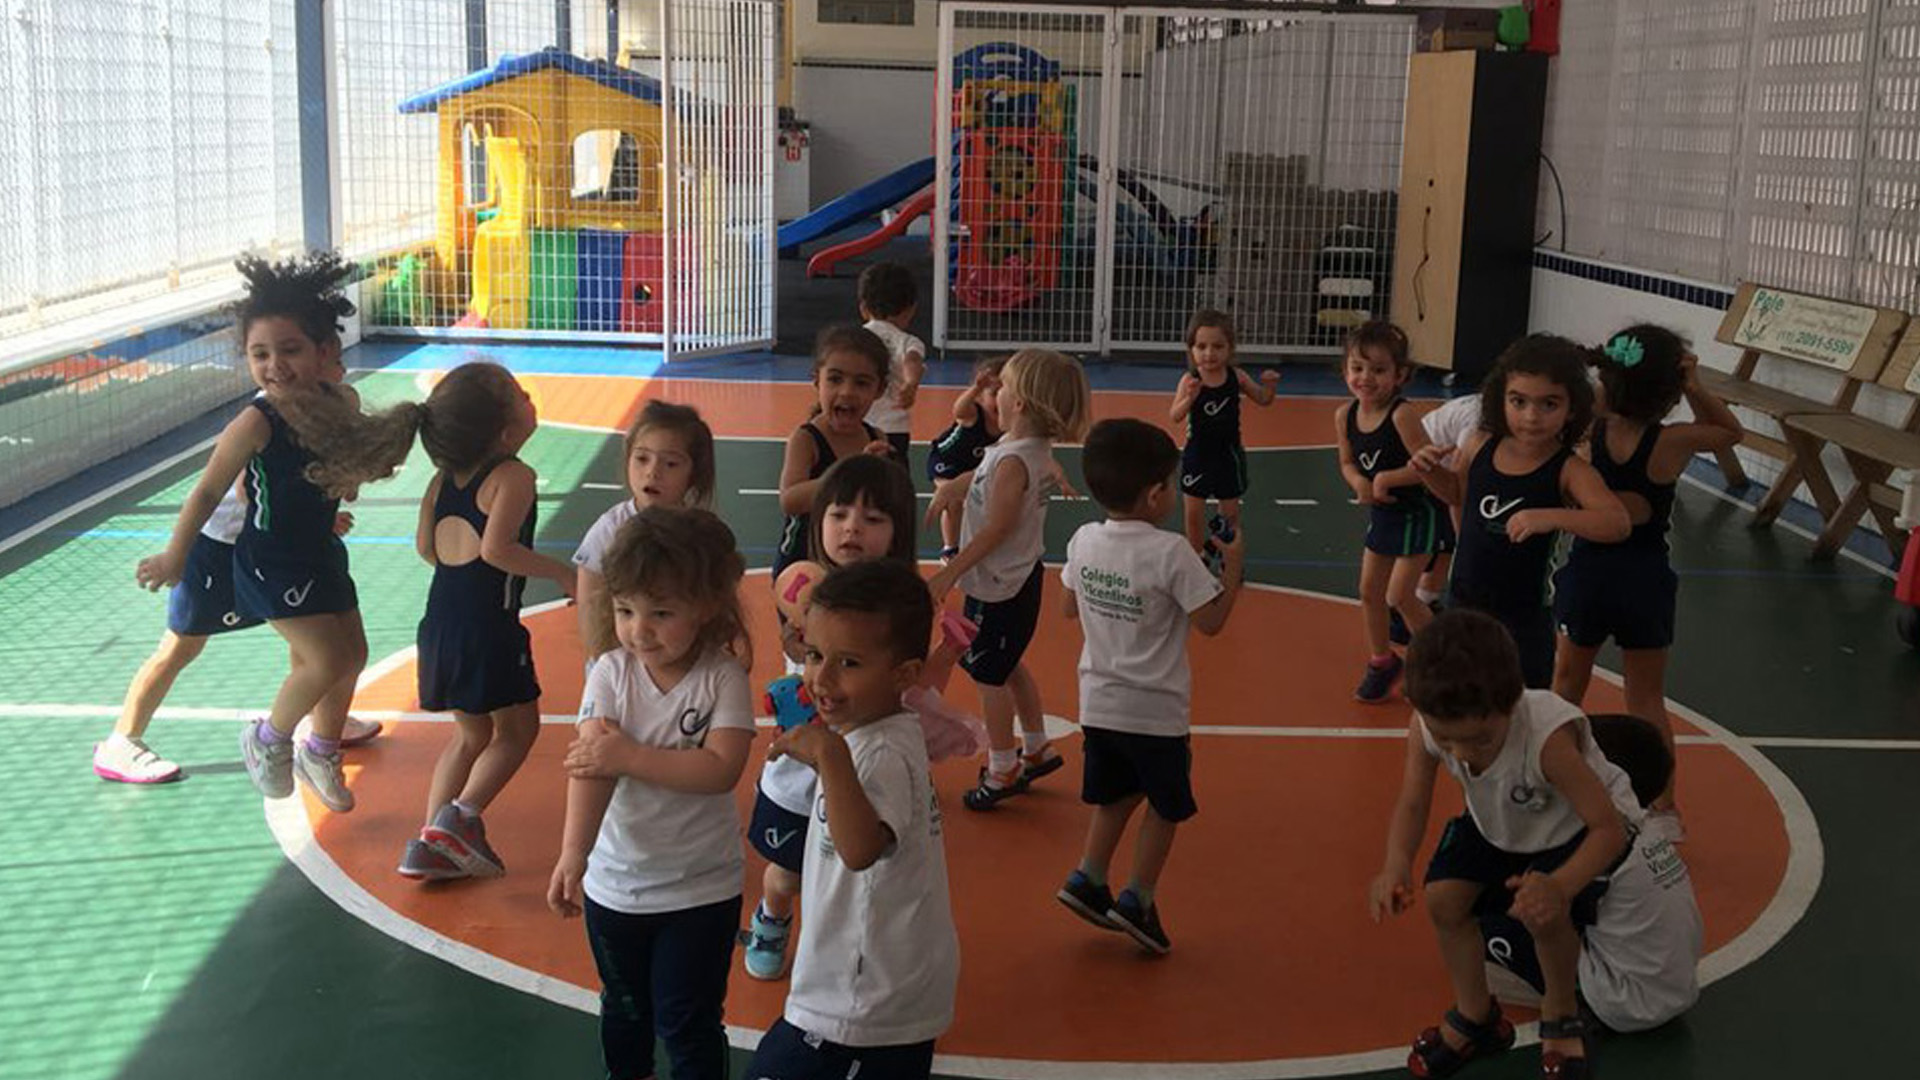 [Semana da Criança - Recreação - Educação Infantil e 1°s anos]